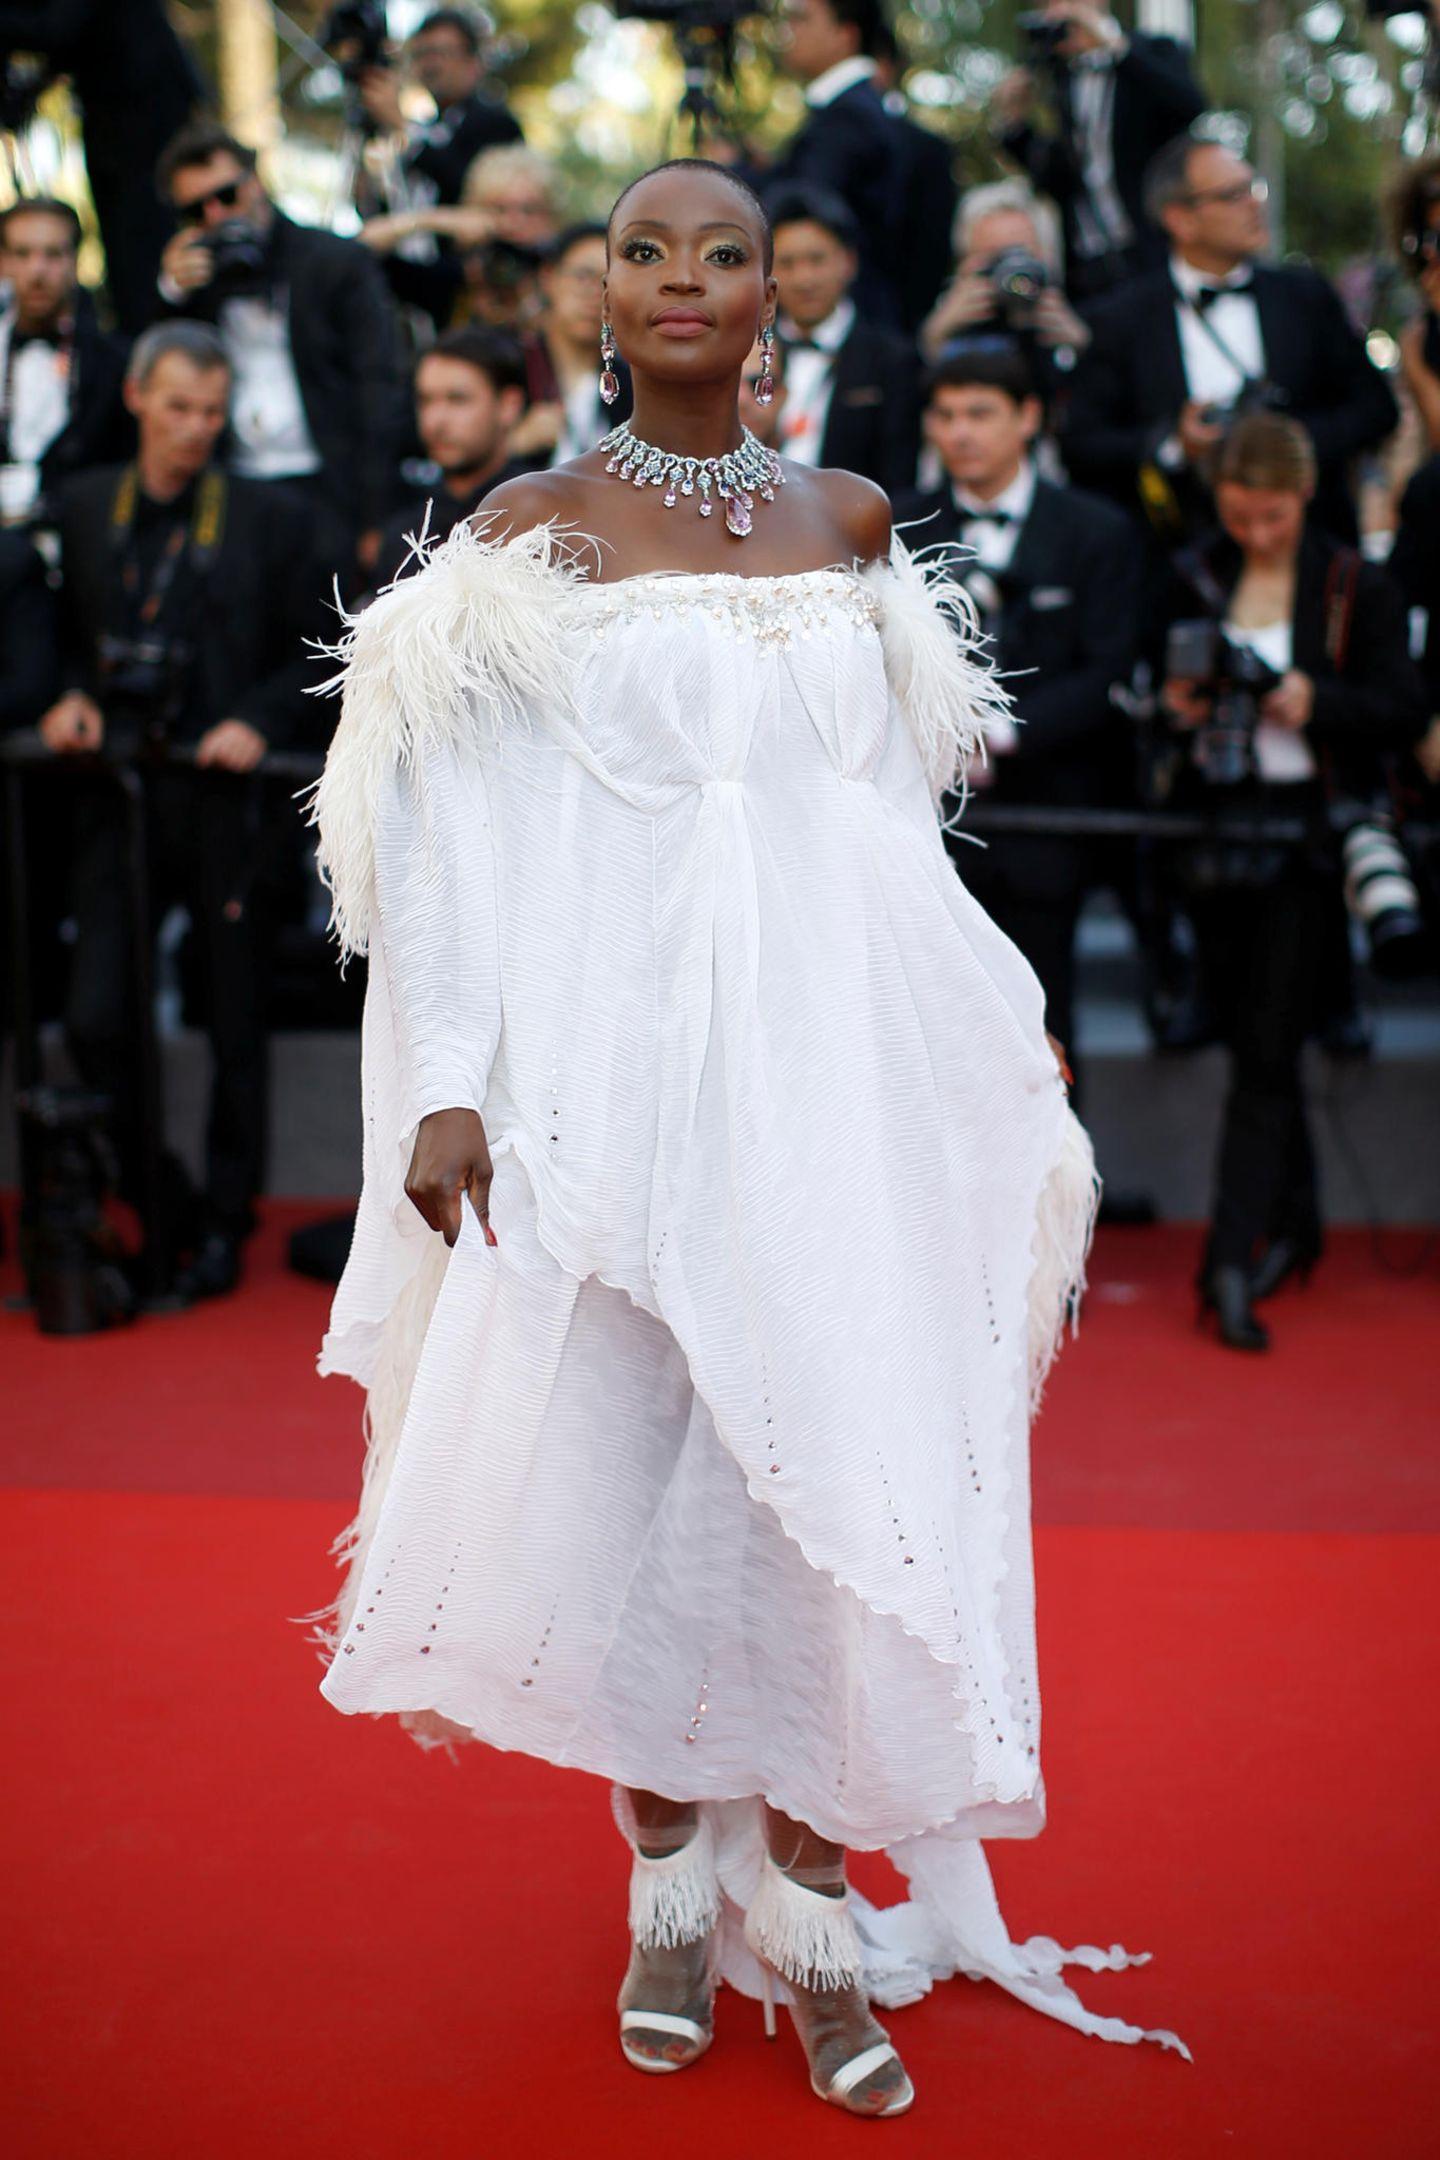 Obenherum sieht Model Miriam Odemba bezaubernd aus, weiter unten wird uns der Baumwoll-Look zu unförmig.